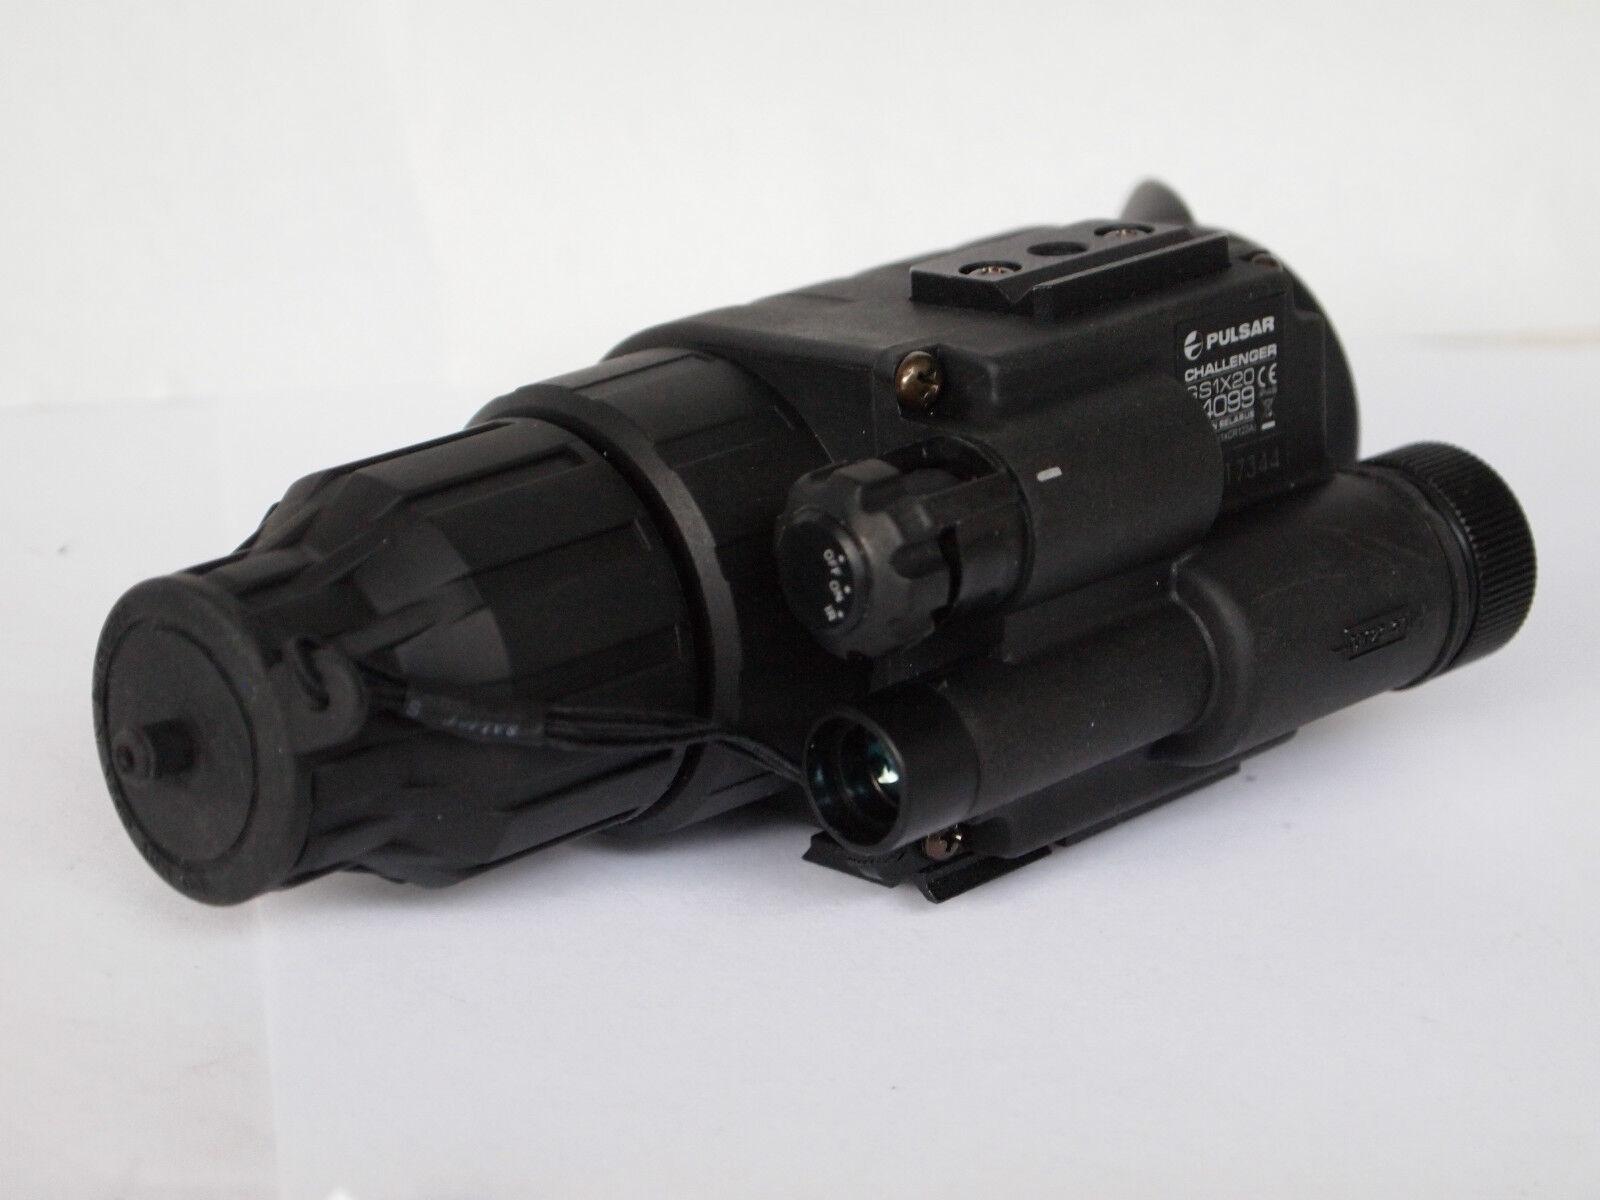 Pulsar Challenger GS 1x20 russisches Nachtsichtgerät   Restlichtverstärker